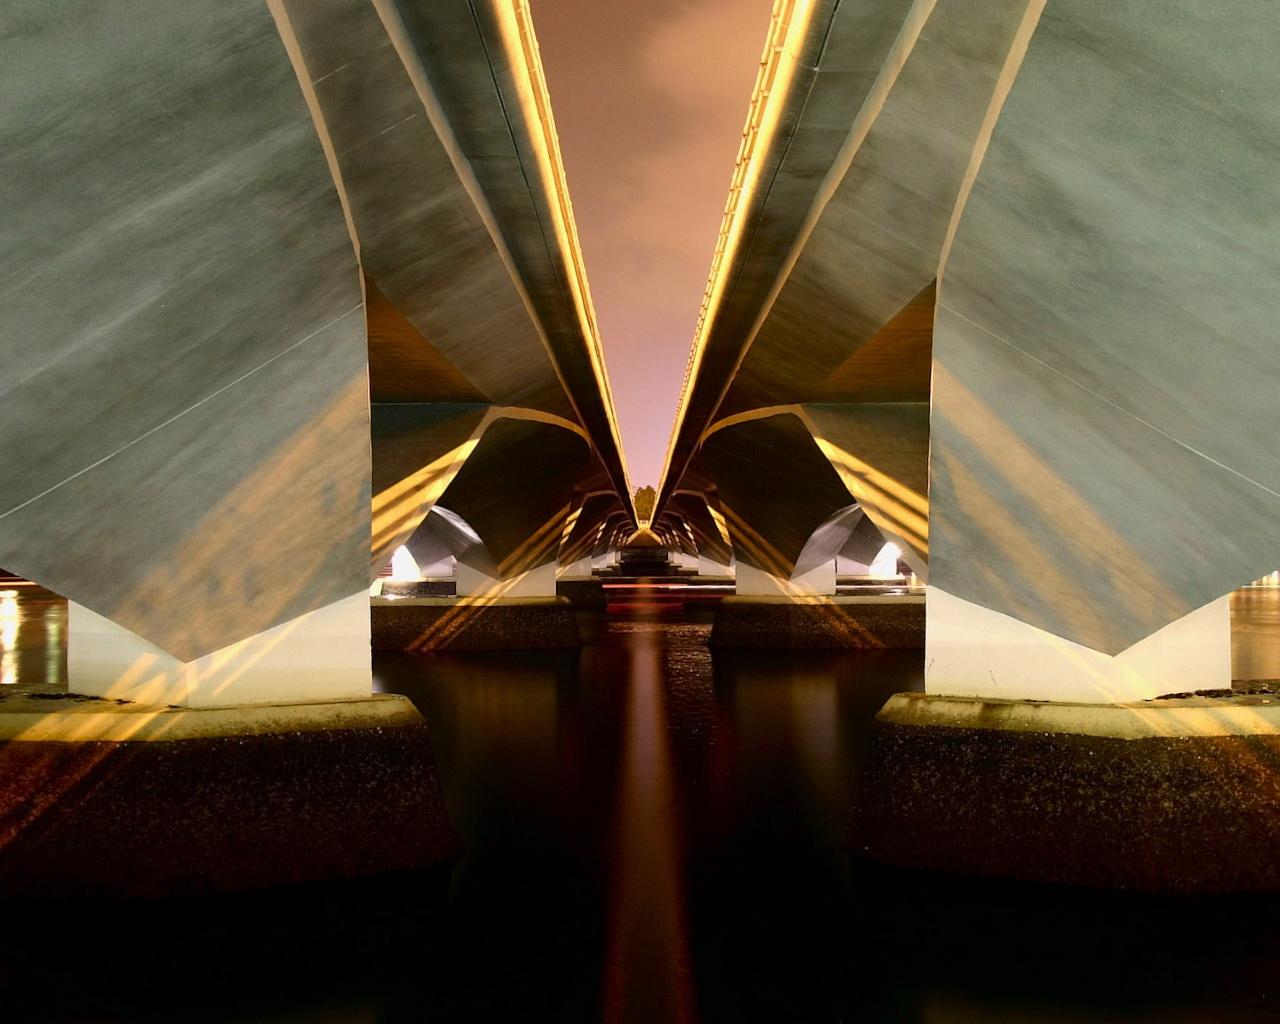 http://4.bp.blogspot.com/-oe7YUYr0_uA/TbqQ2jHbo2I/AAAAAAAADuQ/tHppUB5sFrY/s1600/Amazing%2BWallpaper%2B%25252876%252529.jpg